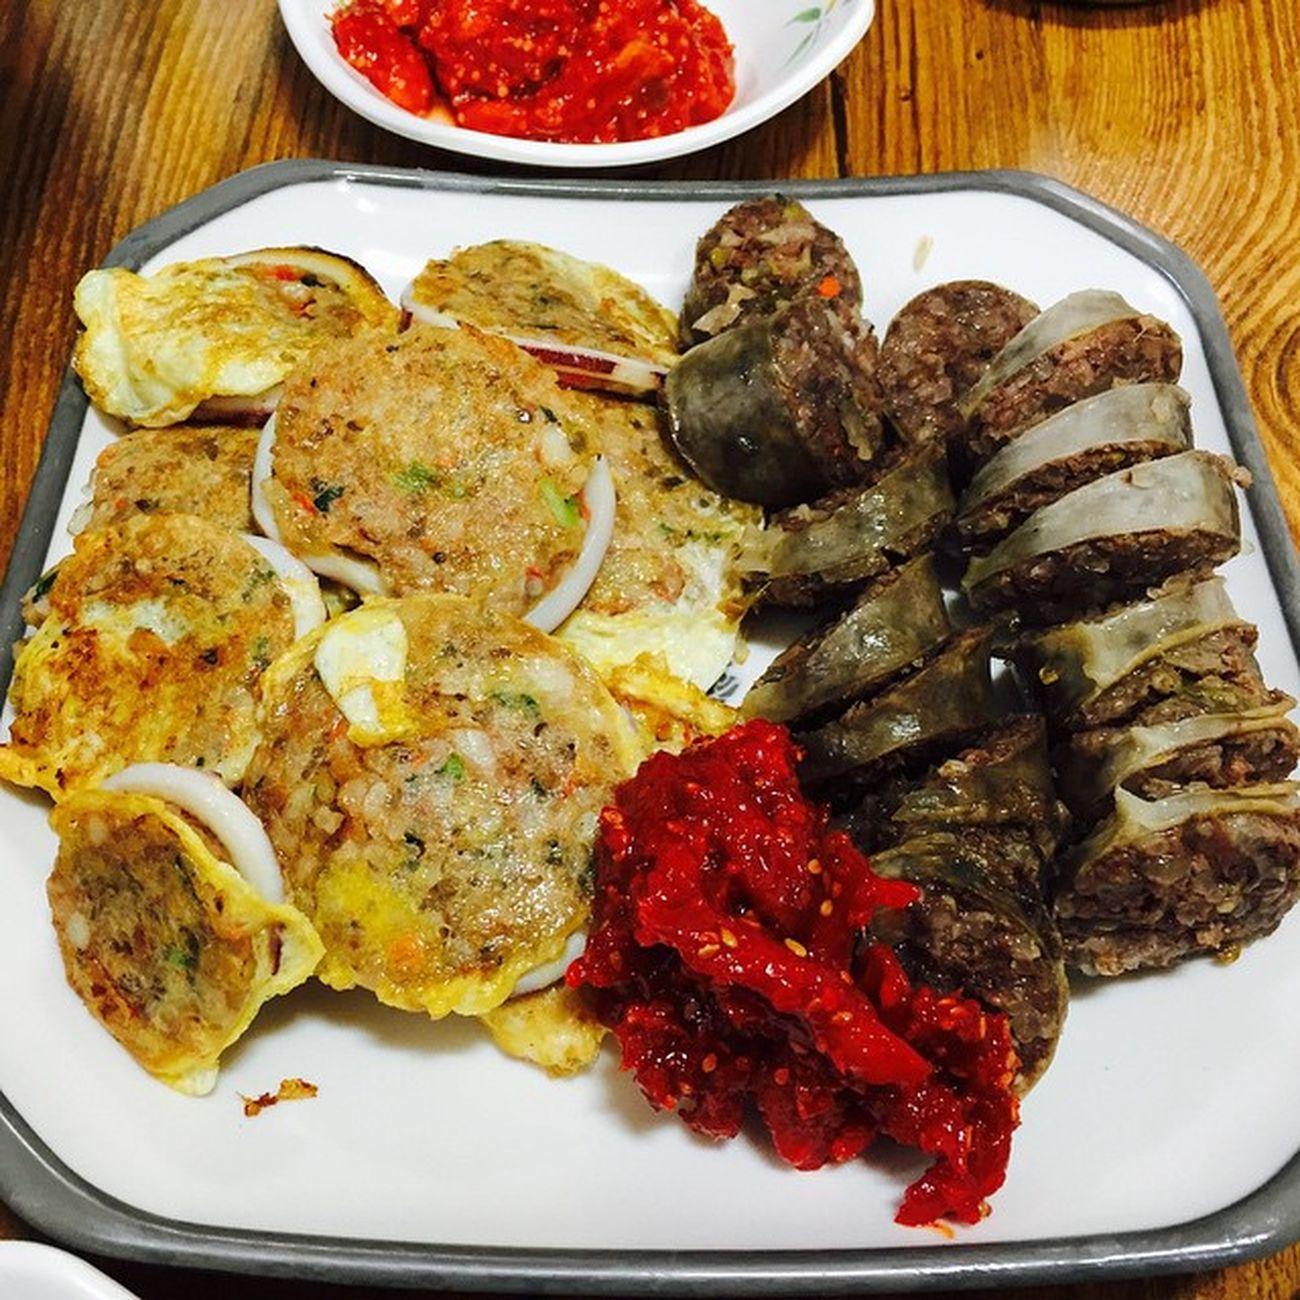 속초 아바이순대 오징어순대 먹스타그램 먹방 Goodfood